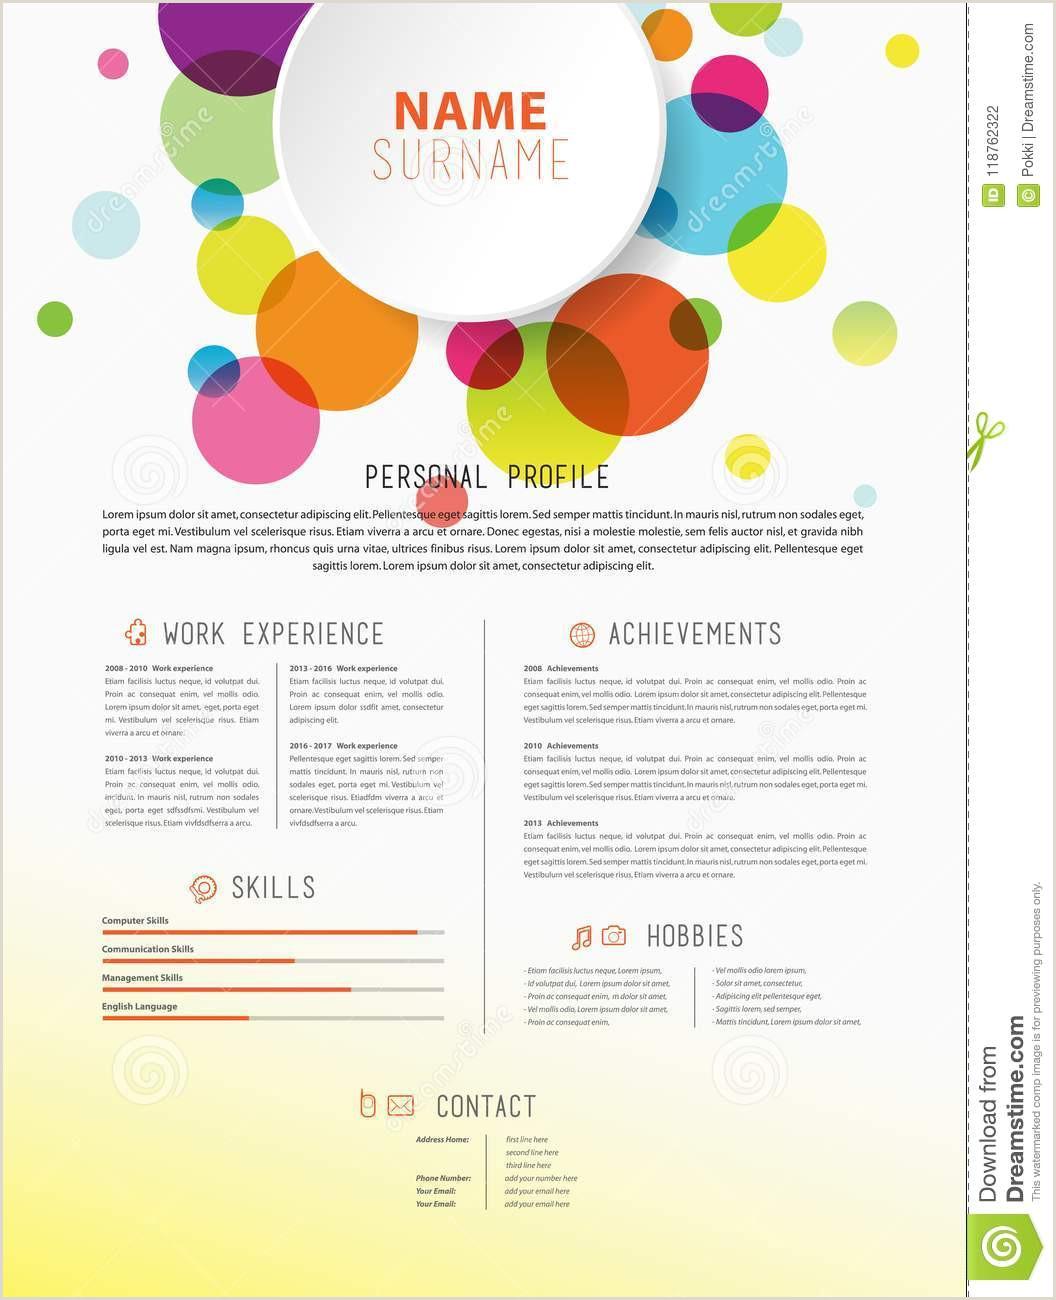 Curriculum formatos Simples Le Calibre Simple Créatif De Cv Avec Les Cercles Colorés